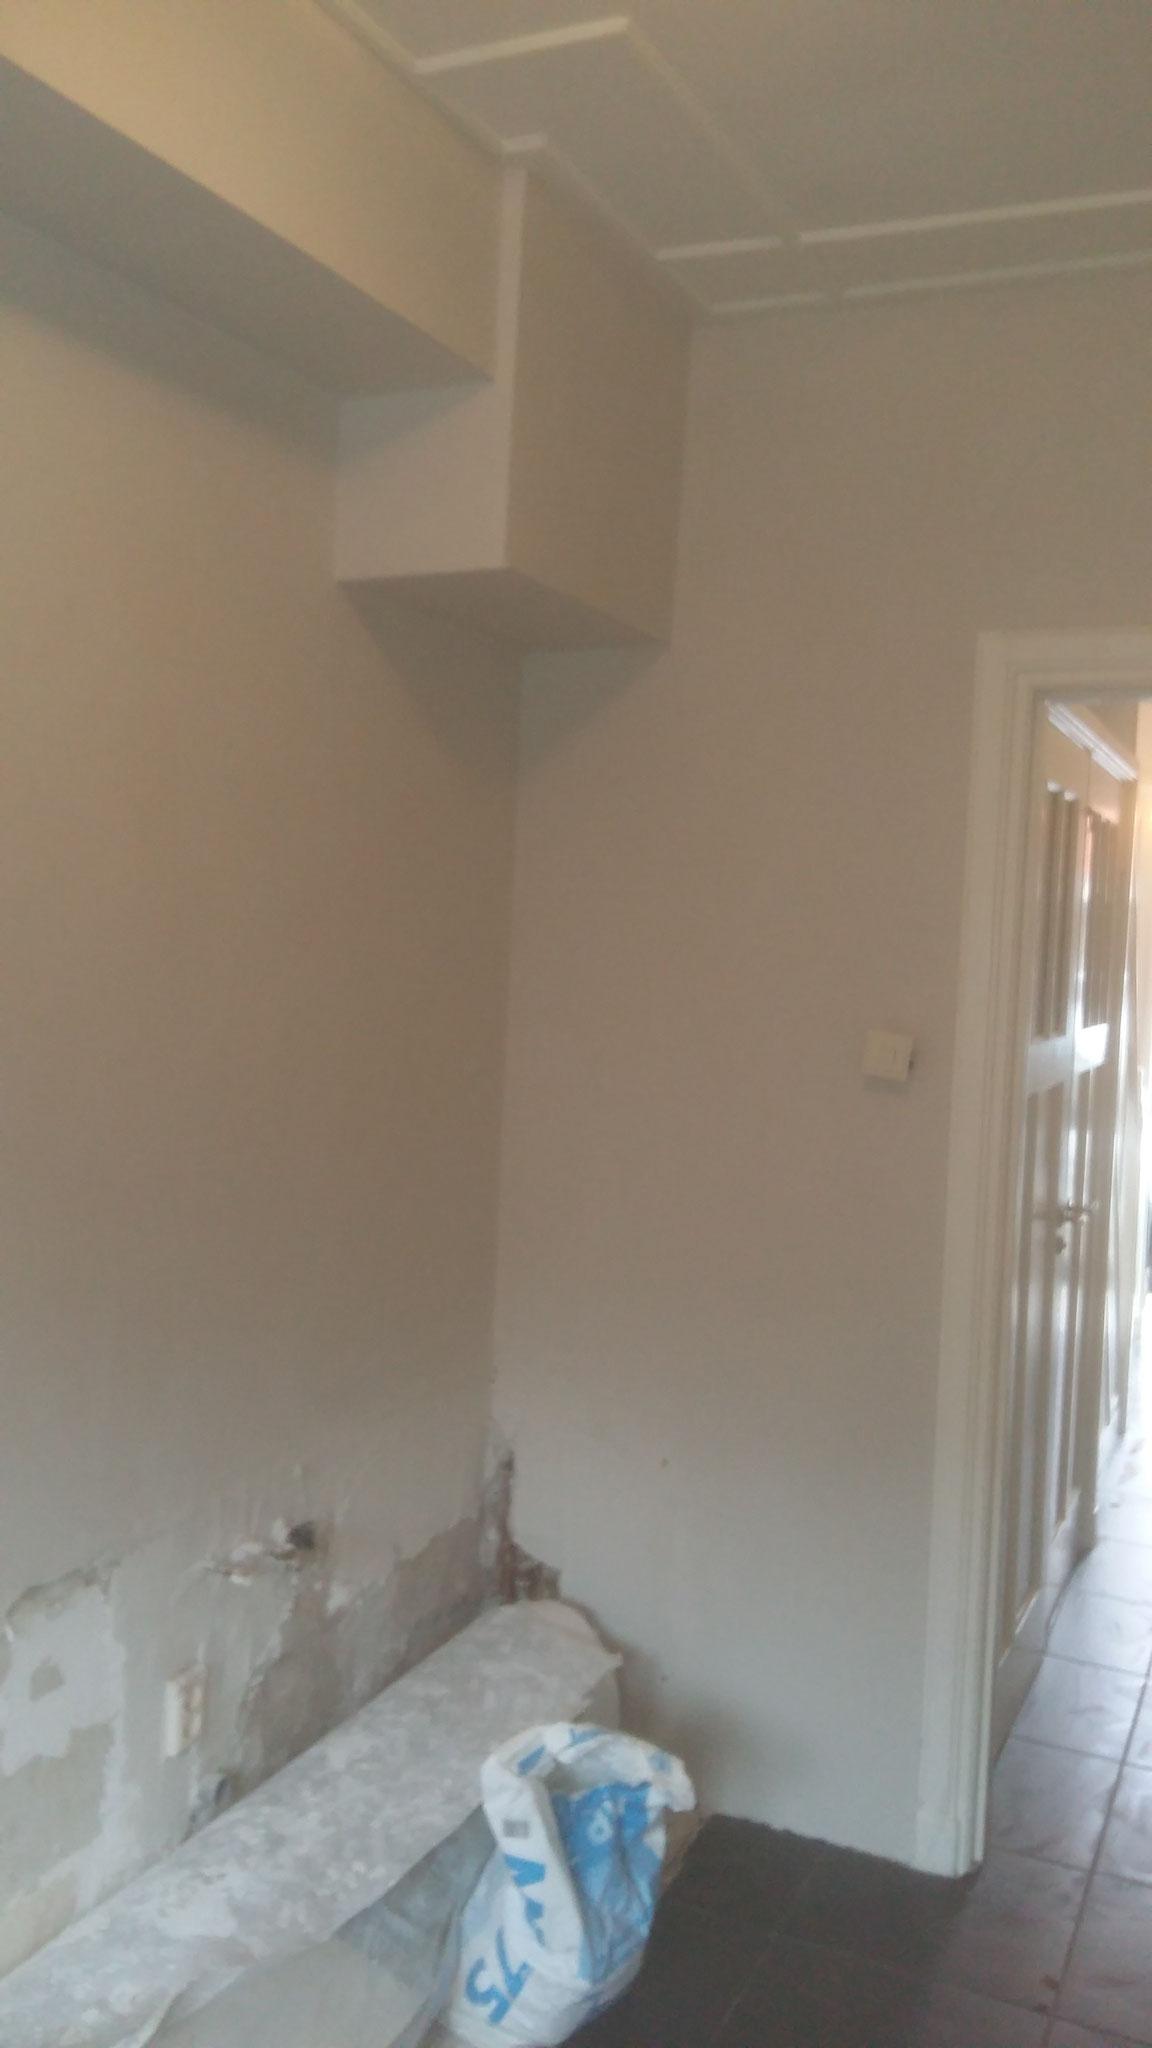 Kamer met gips sausklaar